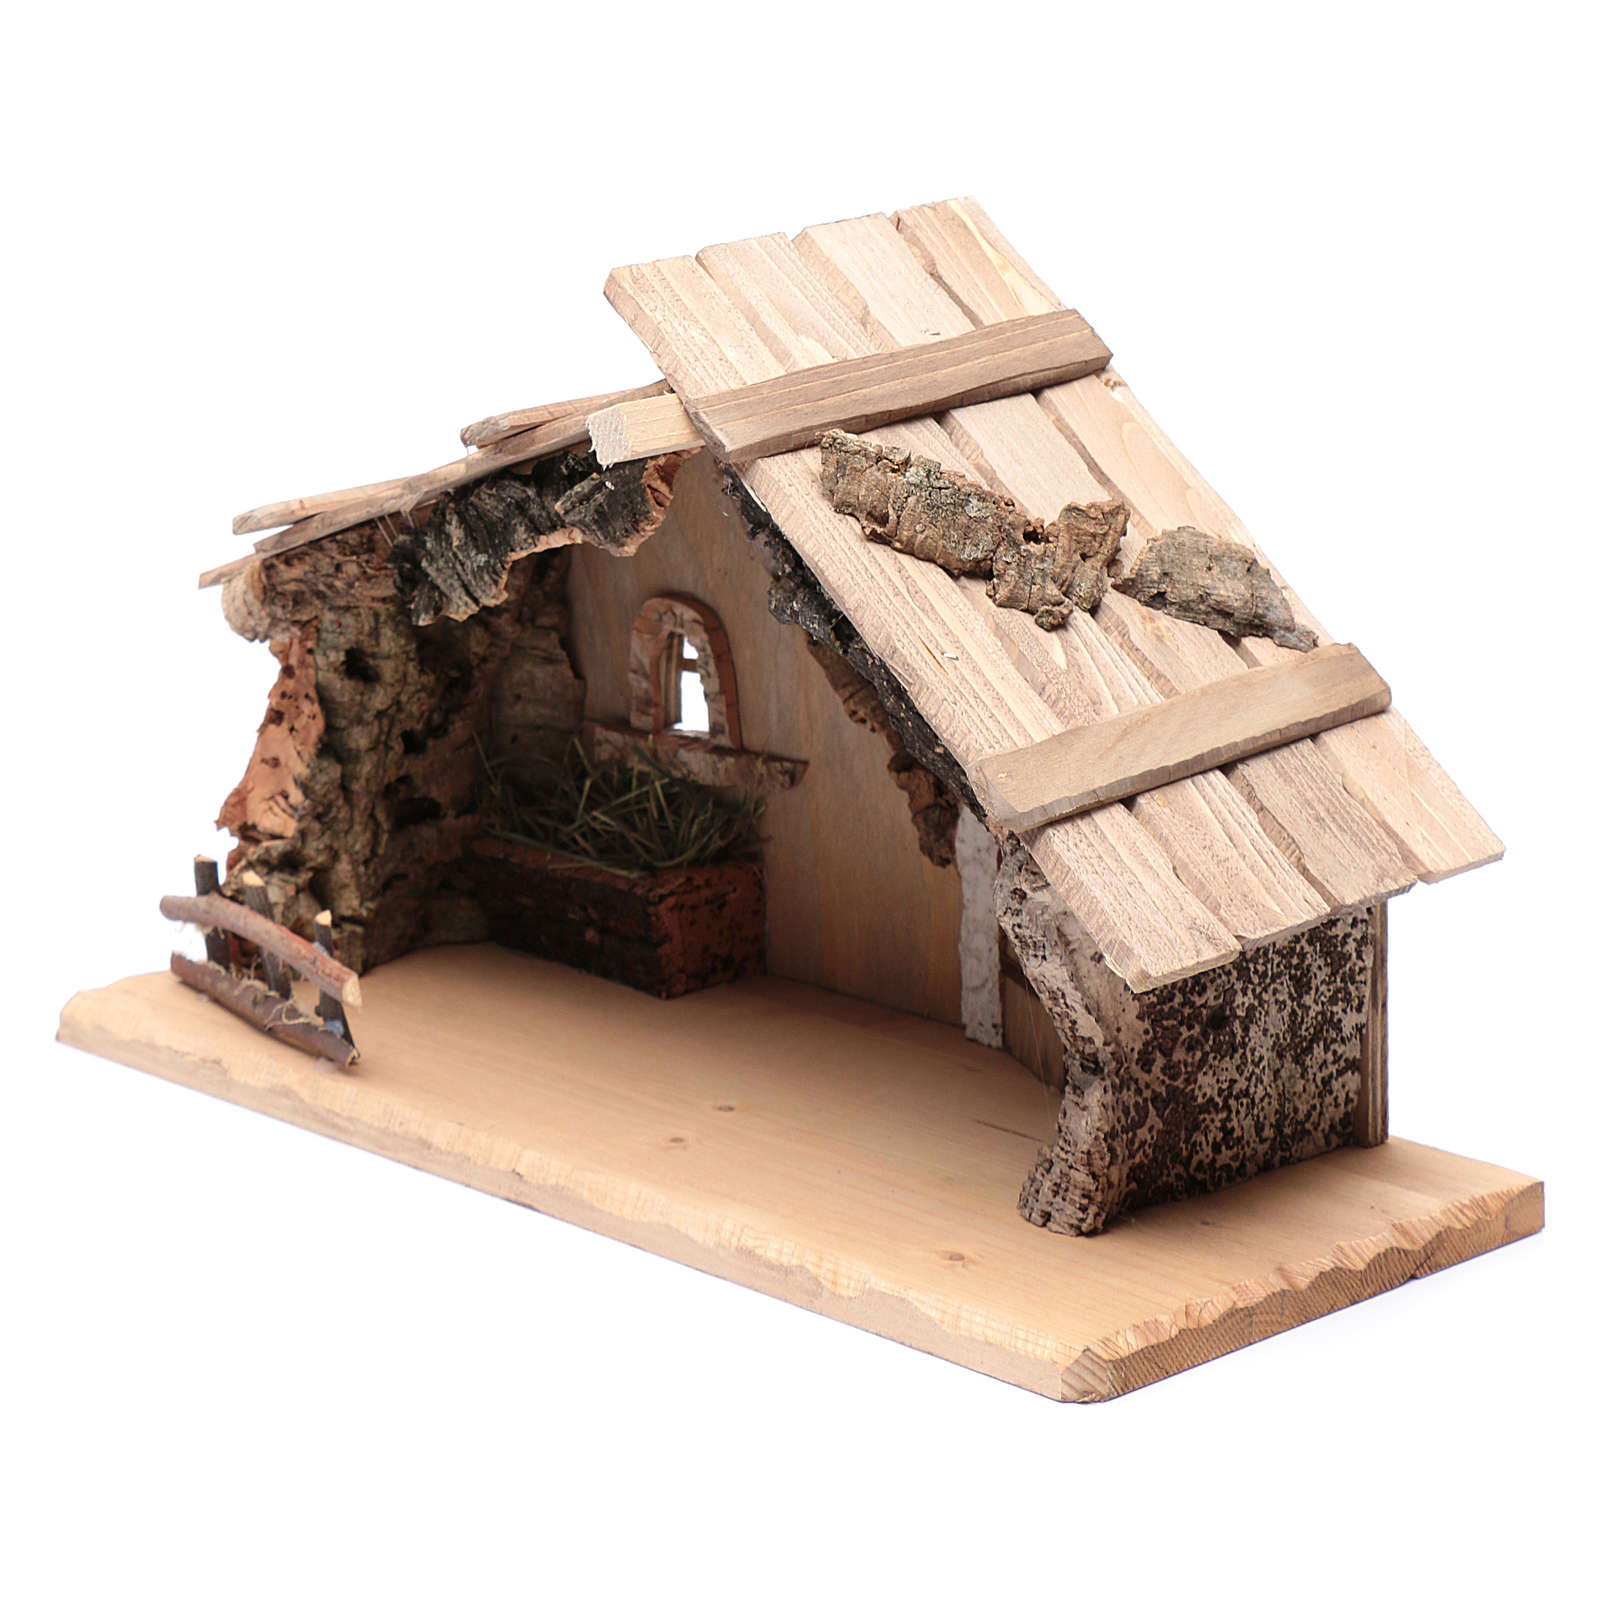 Capanna vuota in legno massiccio e sughero 25x45x20 cm 4